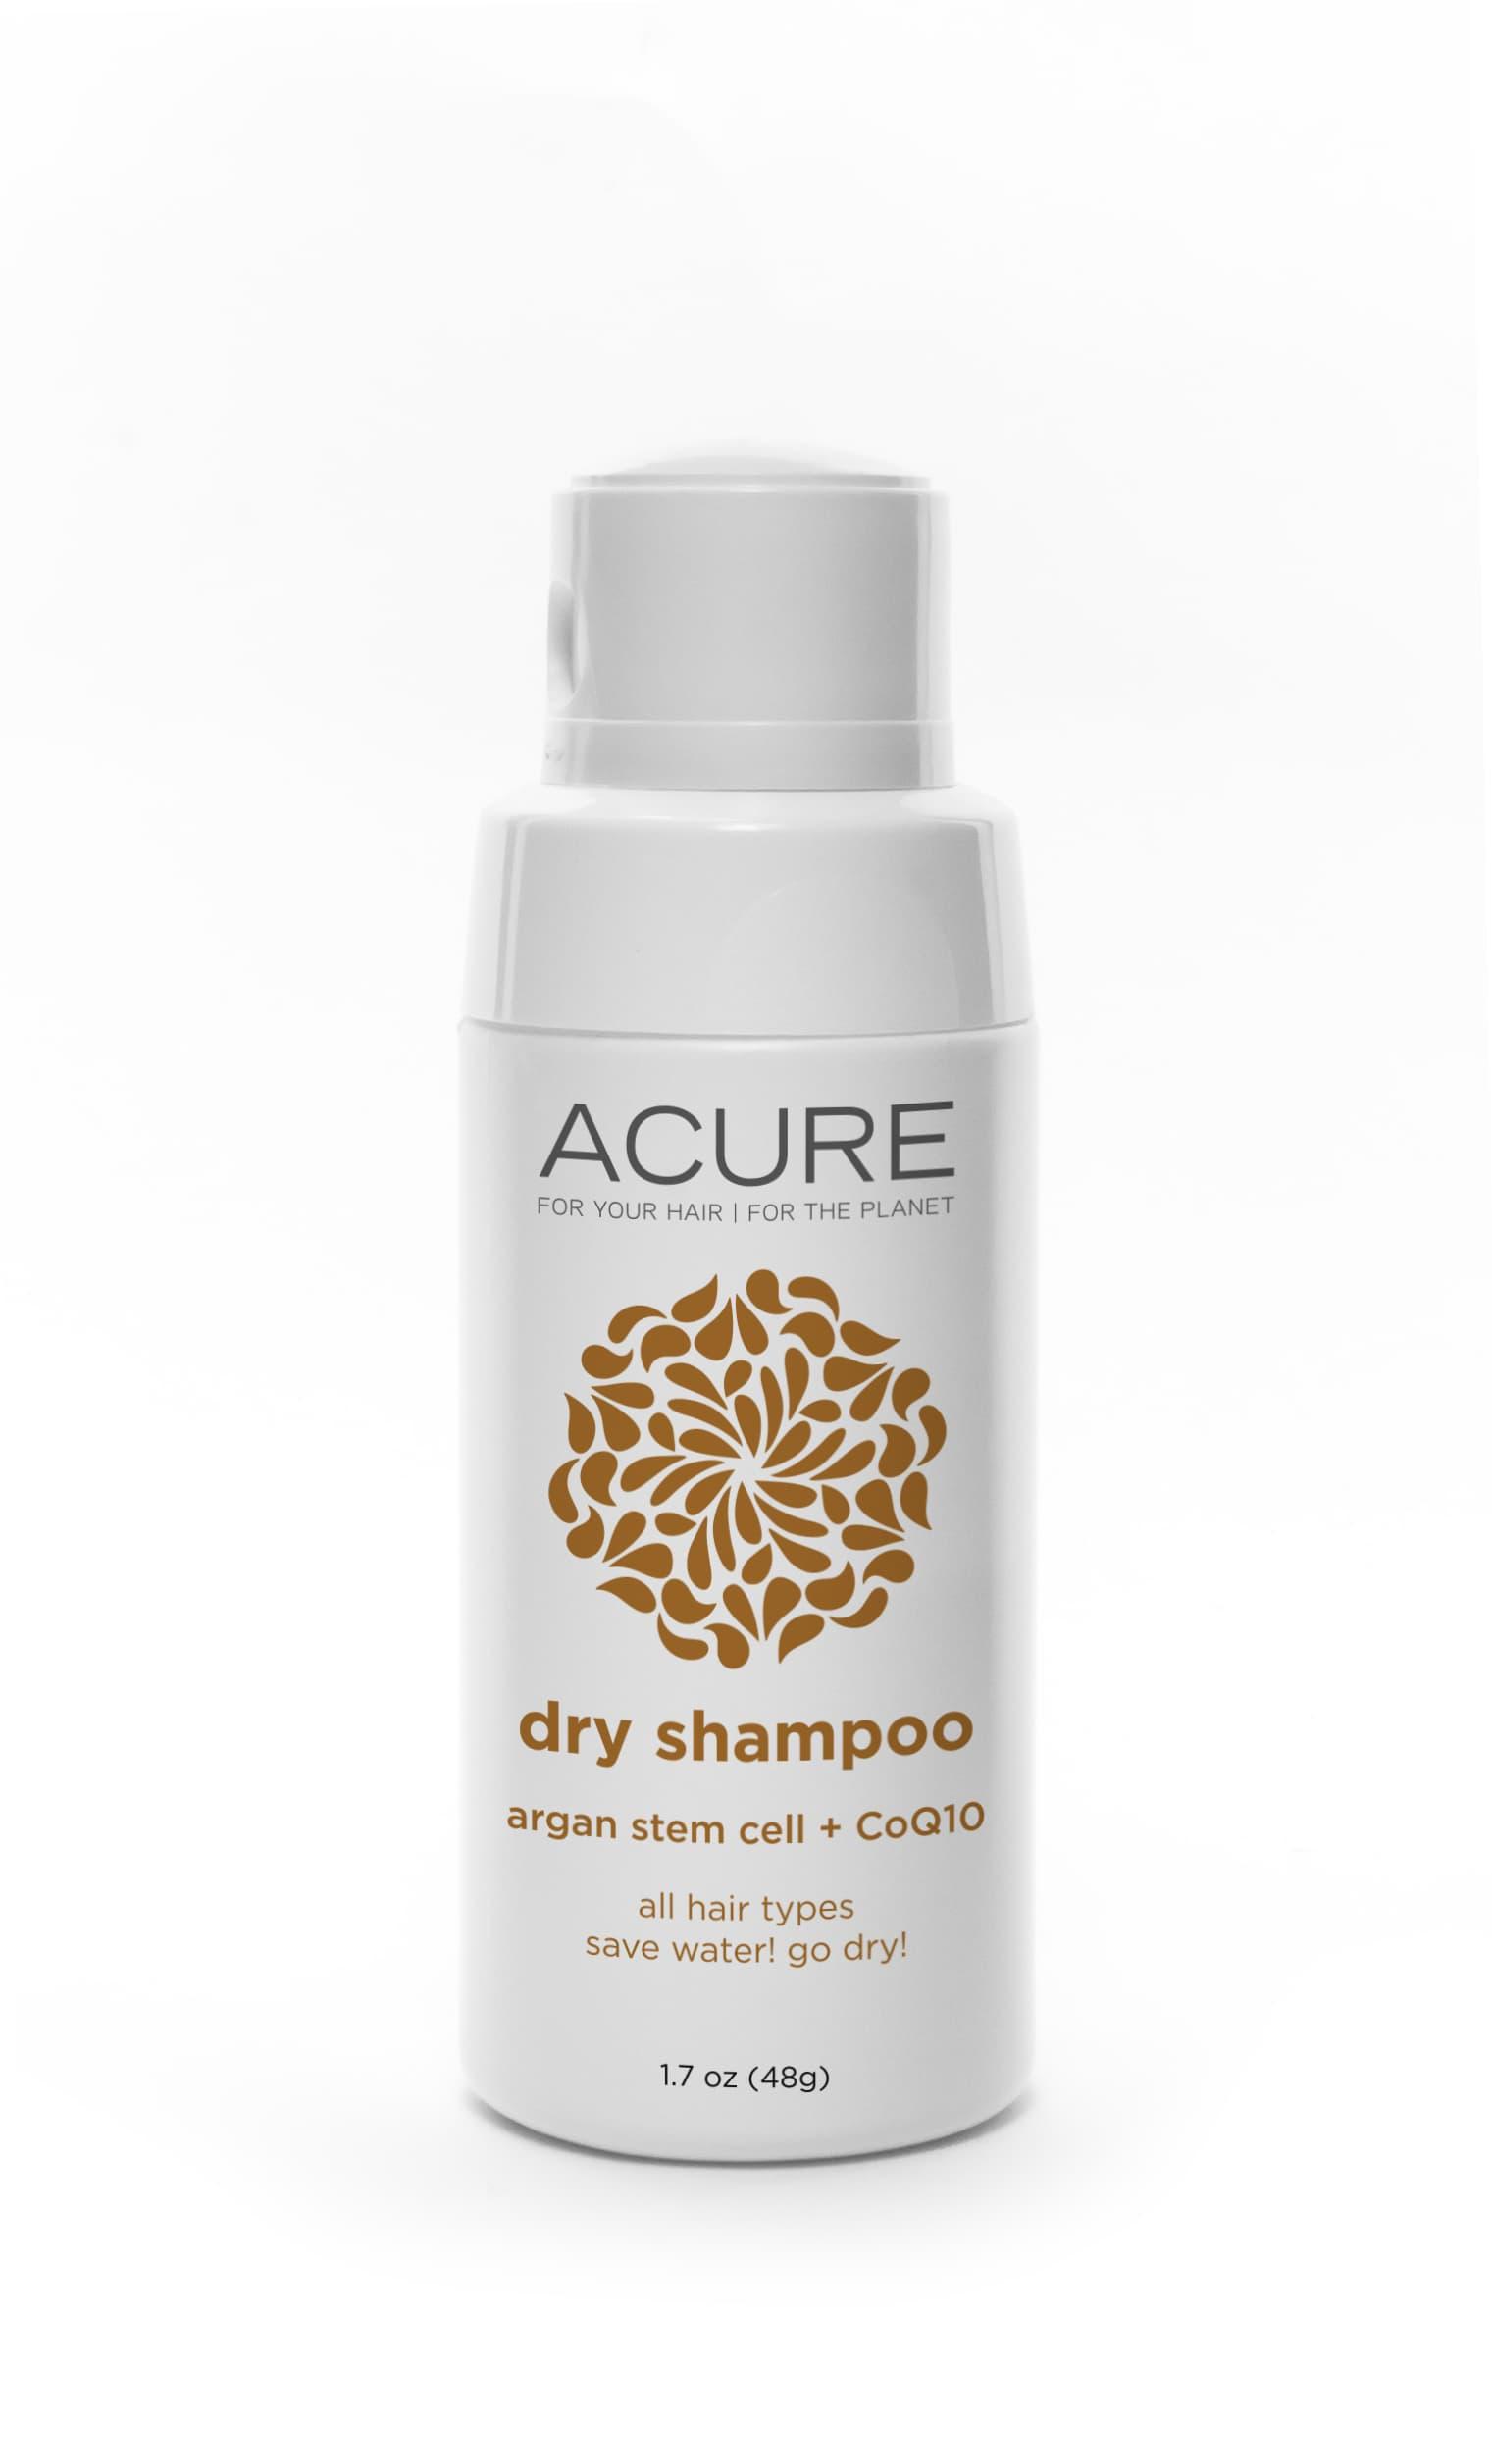 a good dry shampoo